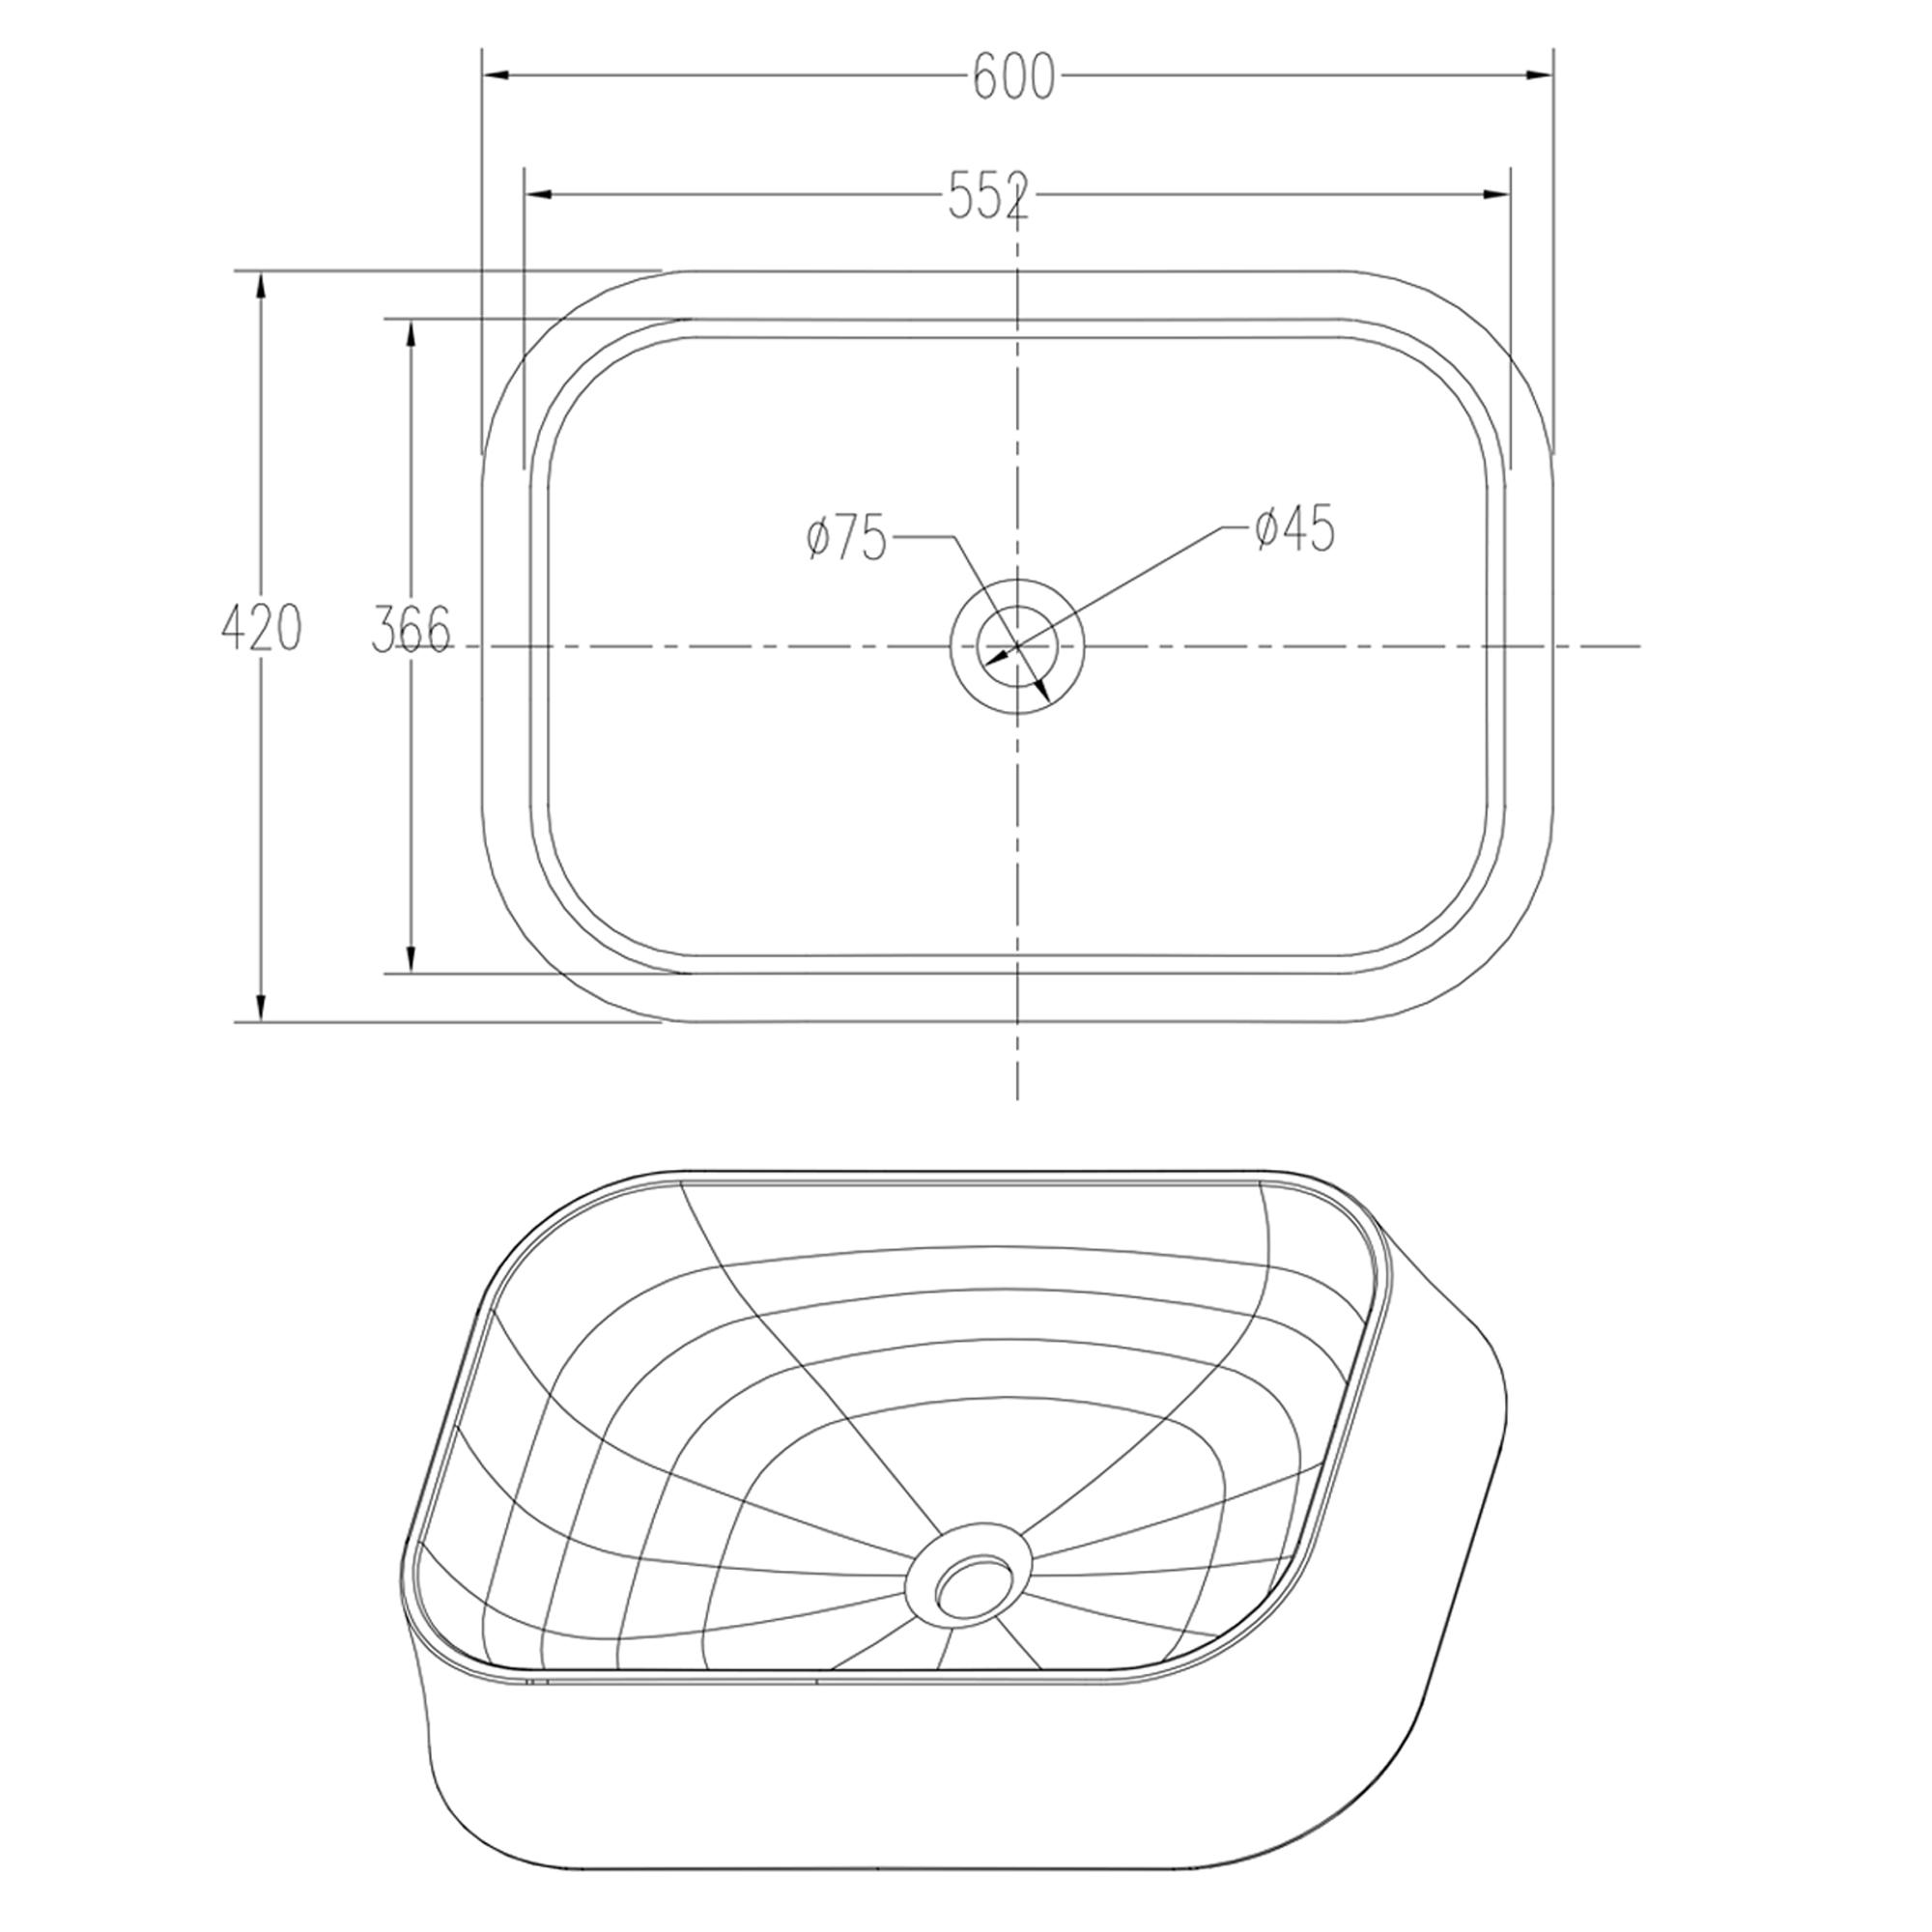 Countertop wash basin PB2161 - image 1